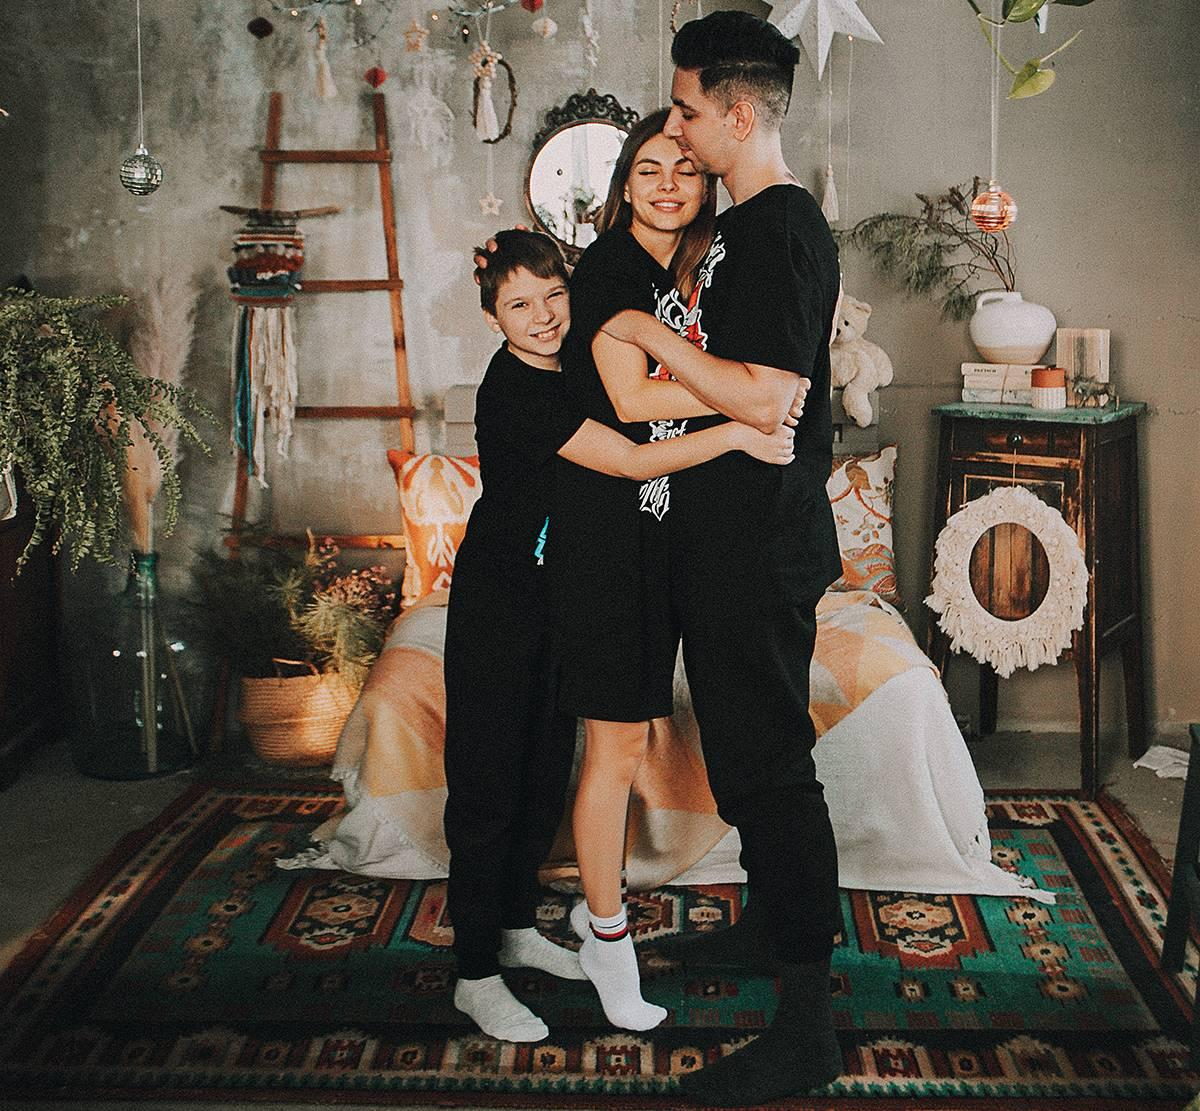 фото Секс-бомба, моржиха, мать: как модель из Кузбасса разделась для журнала «Максим» и зачем муж сторожит её возле проруби 7